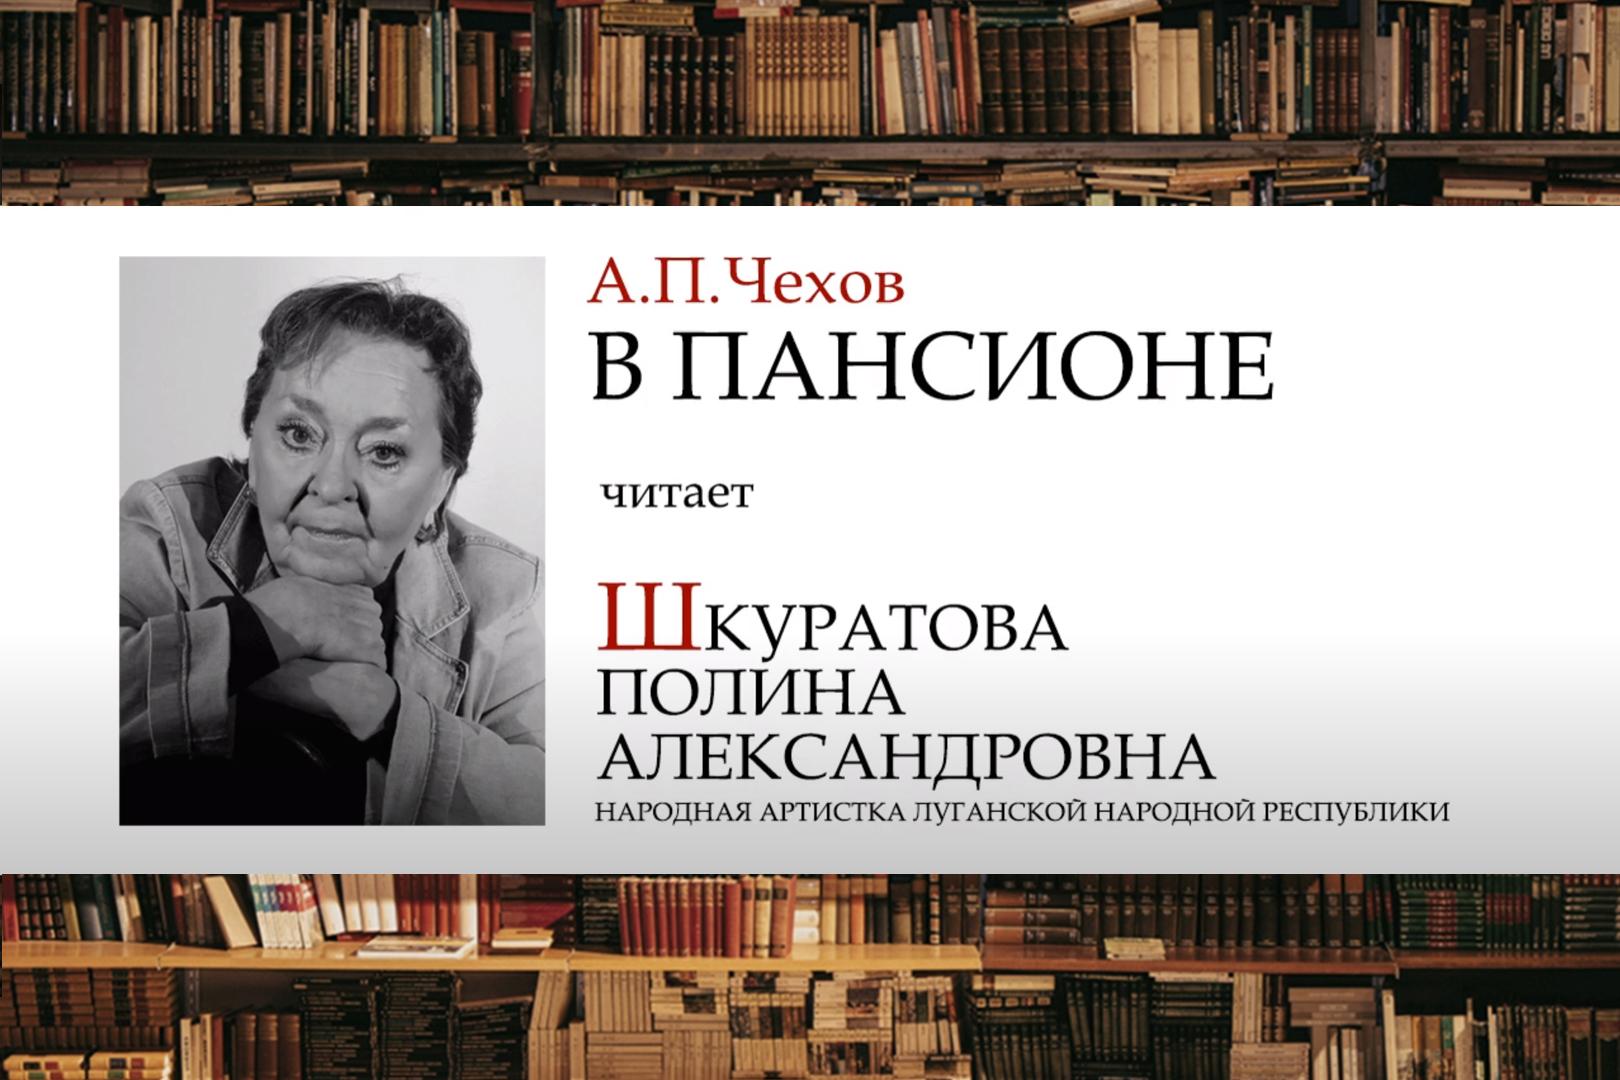 Интернет-проект «ЛитЛуганск.Ру»(Часть I) А. П. Чехов «В пансионе».